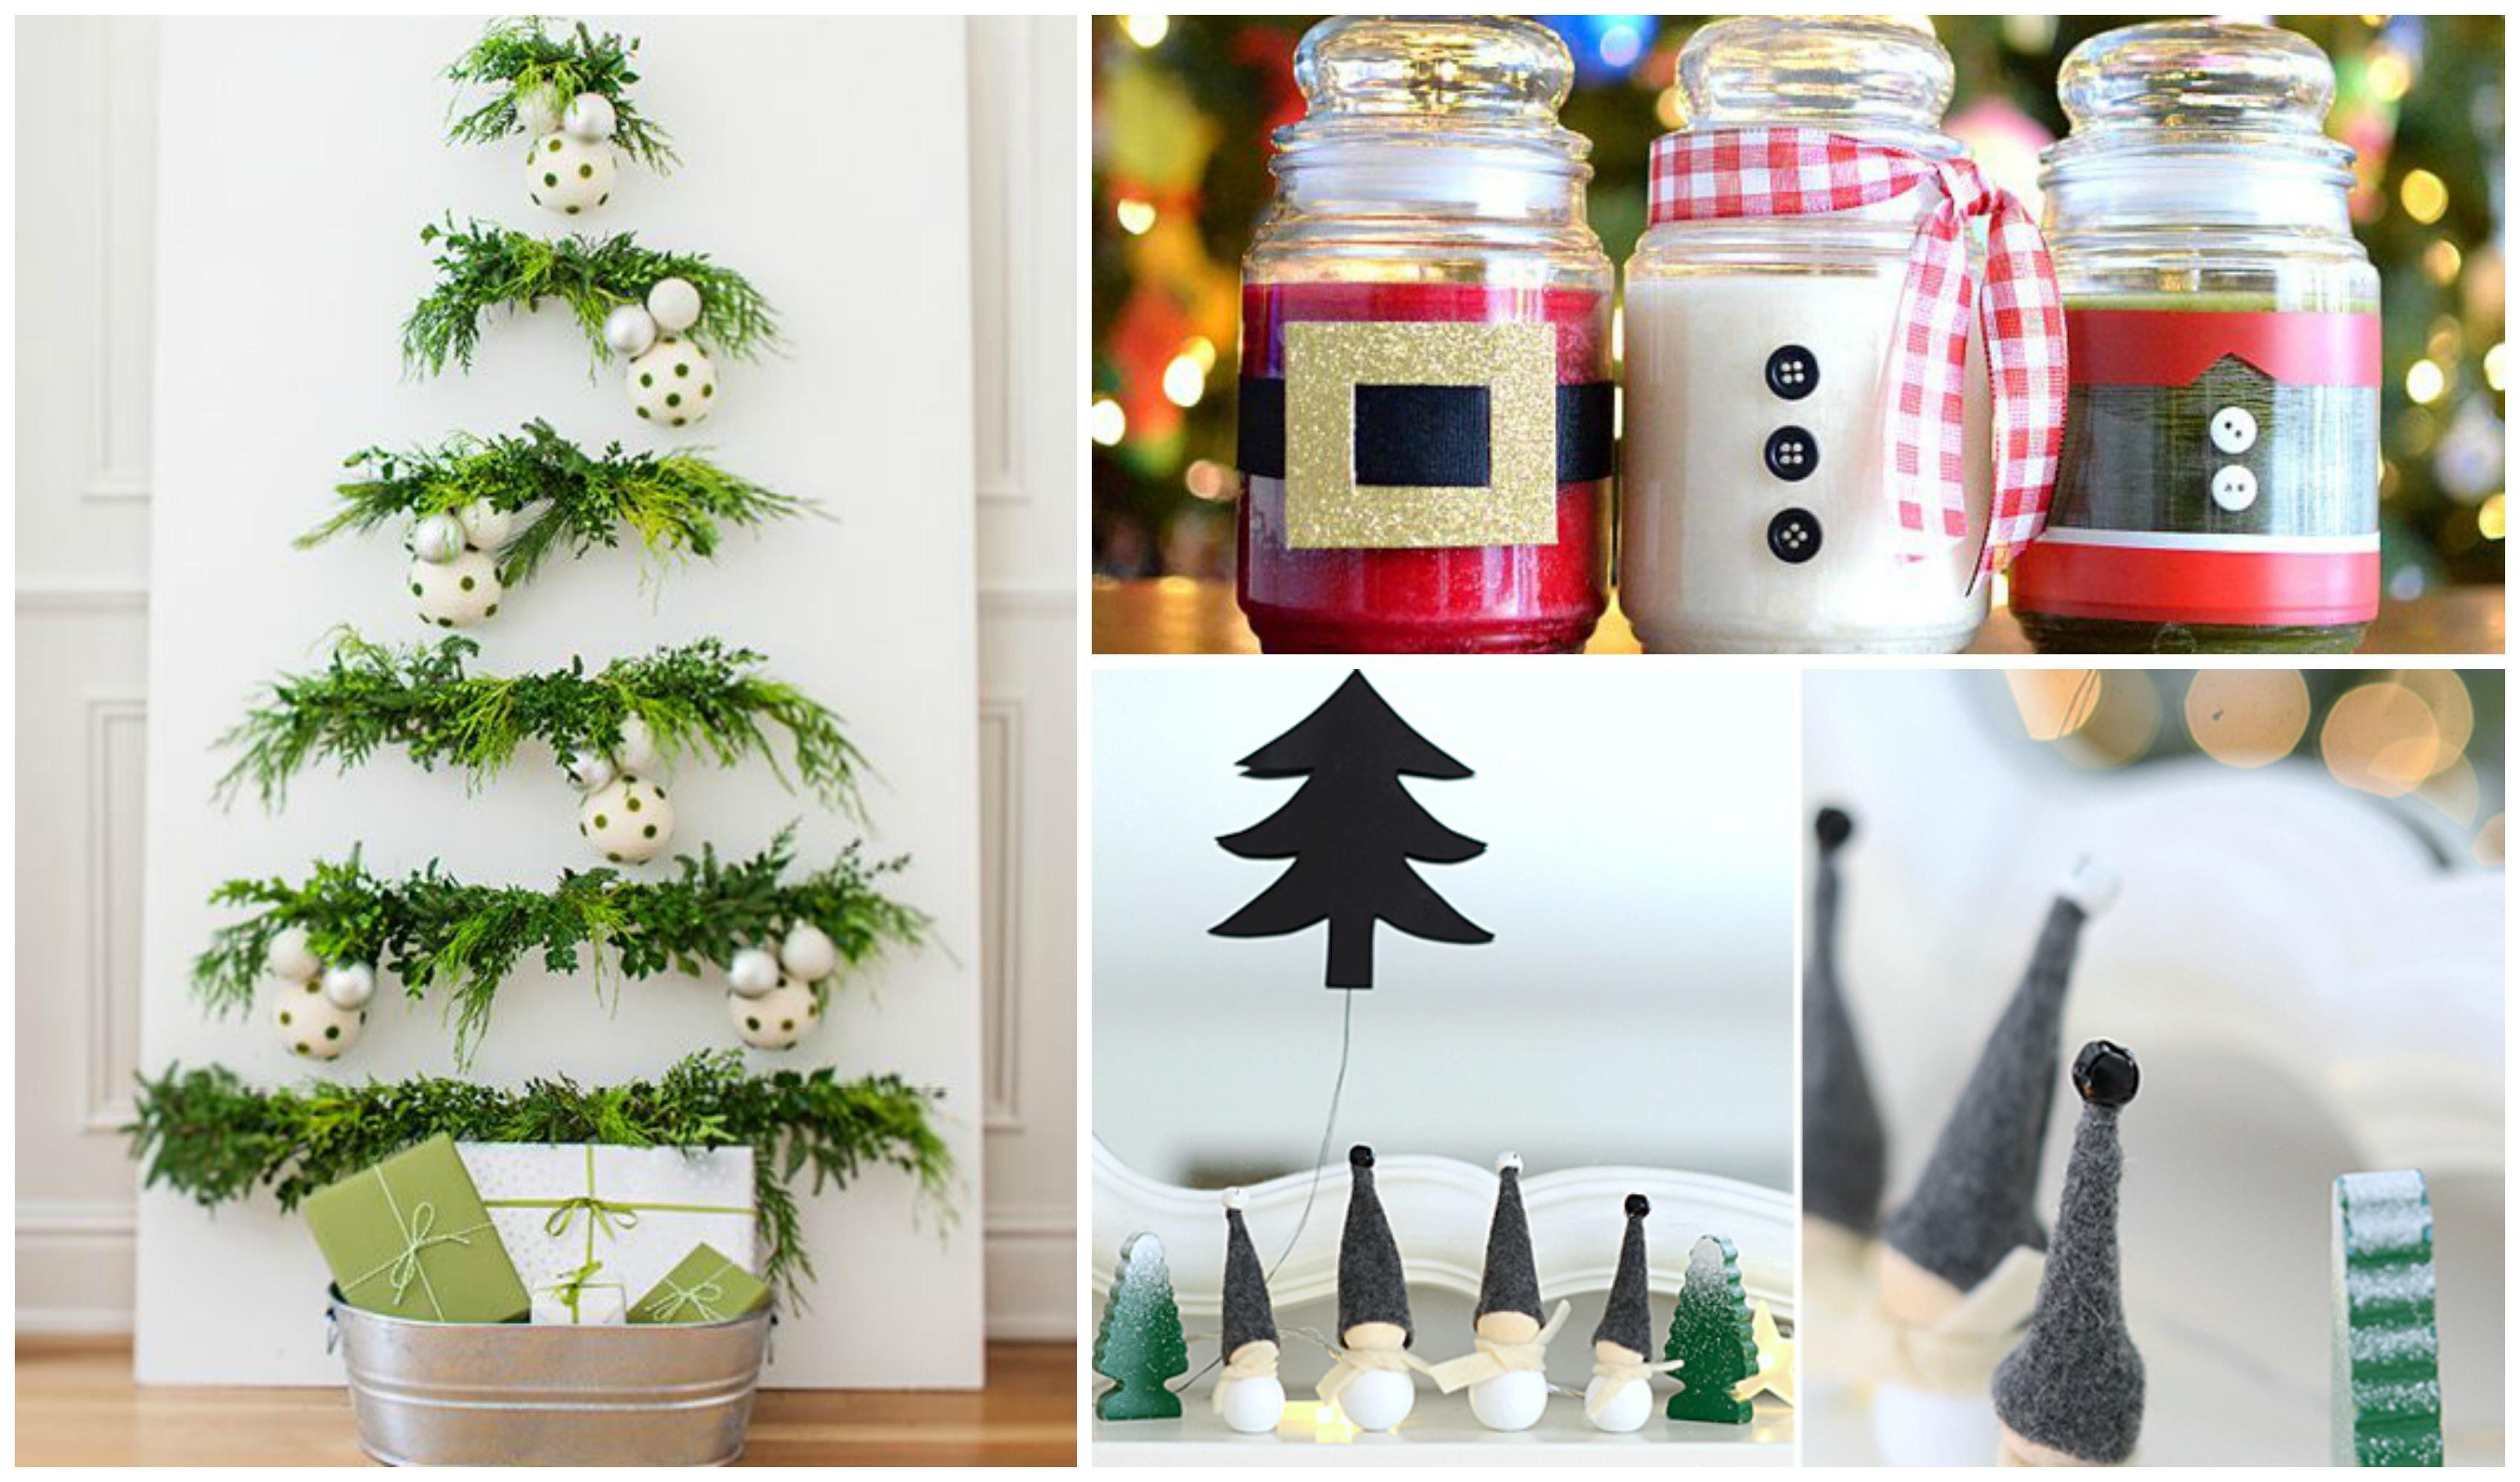 11 Unbelievable DIY Christmas Decorations